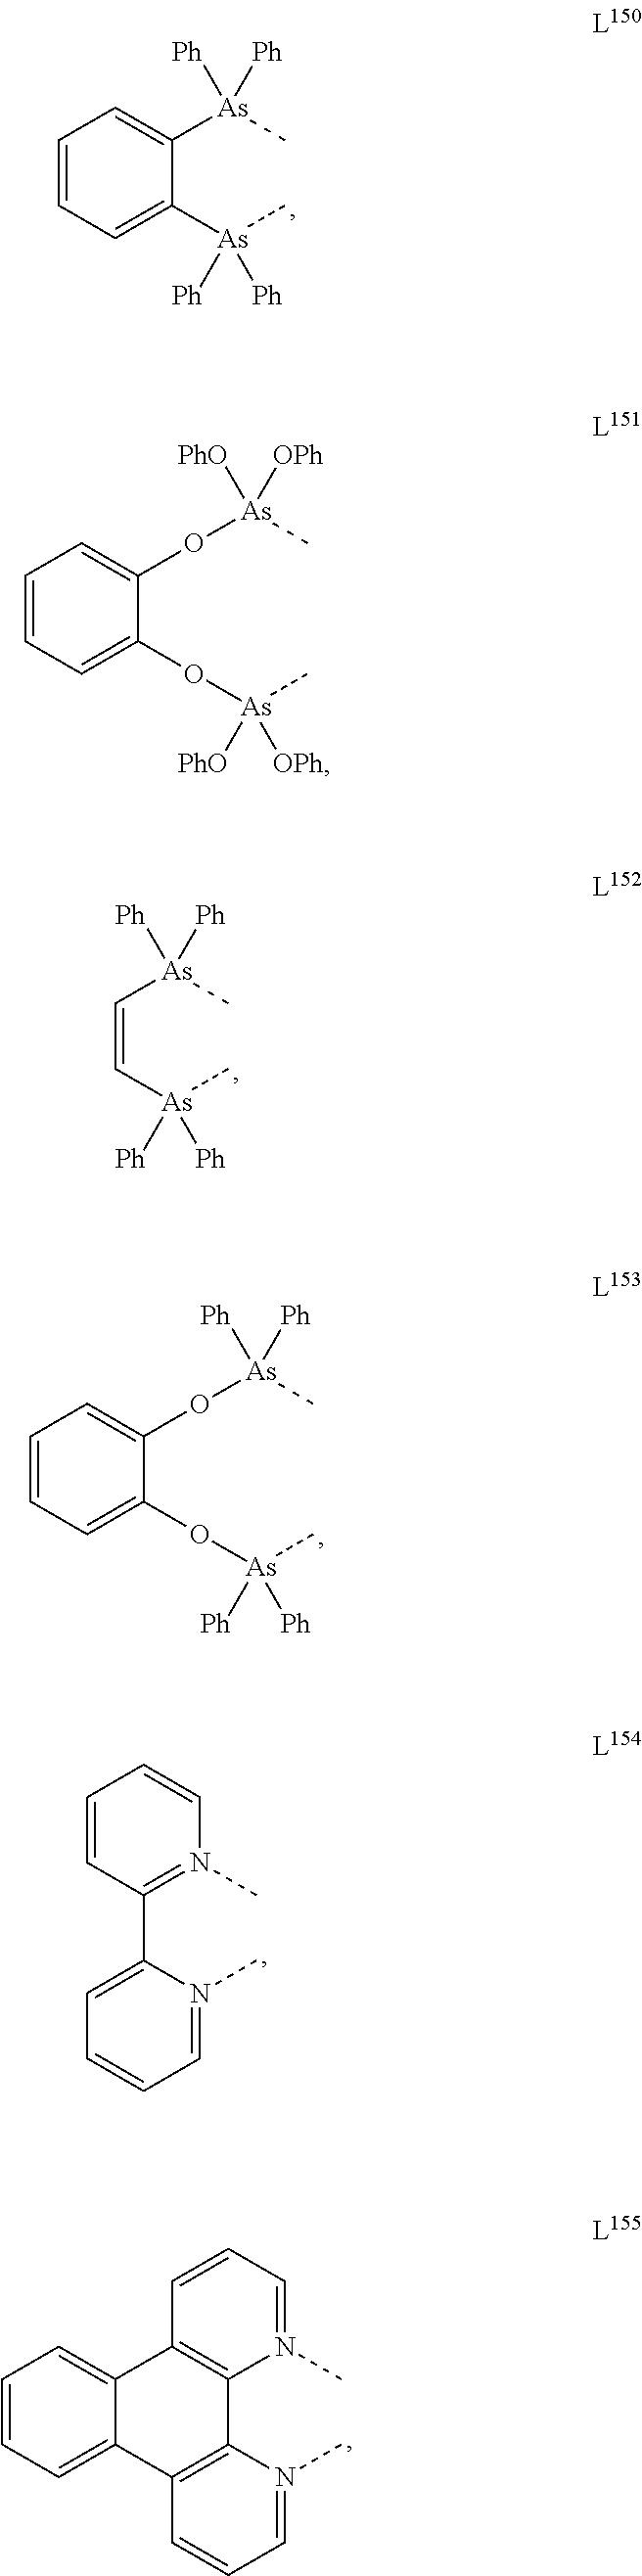 Figure US09306179-20160405-C00016